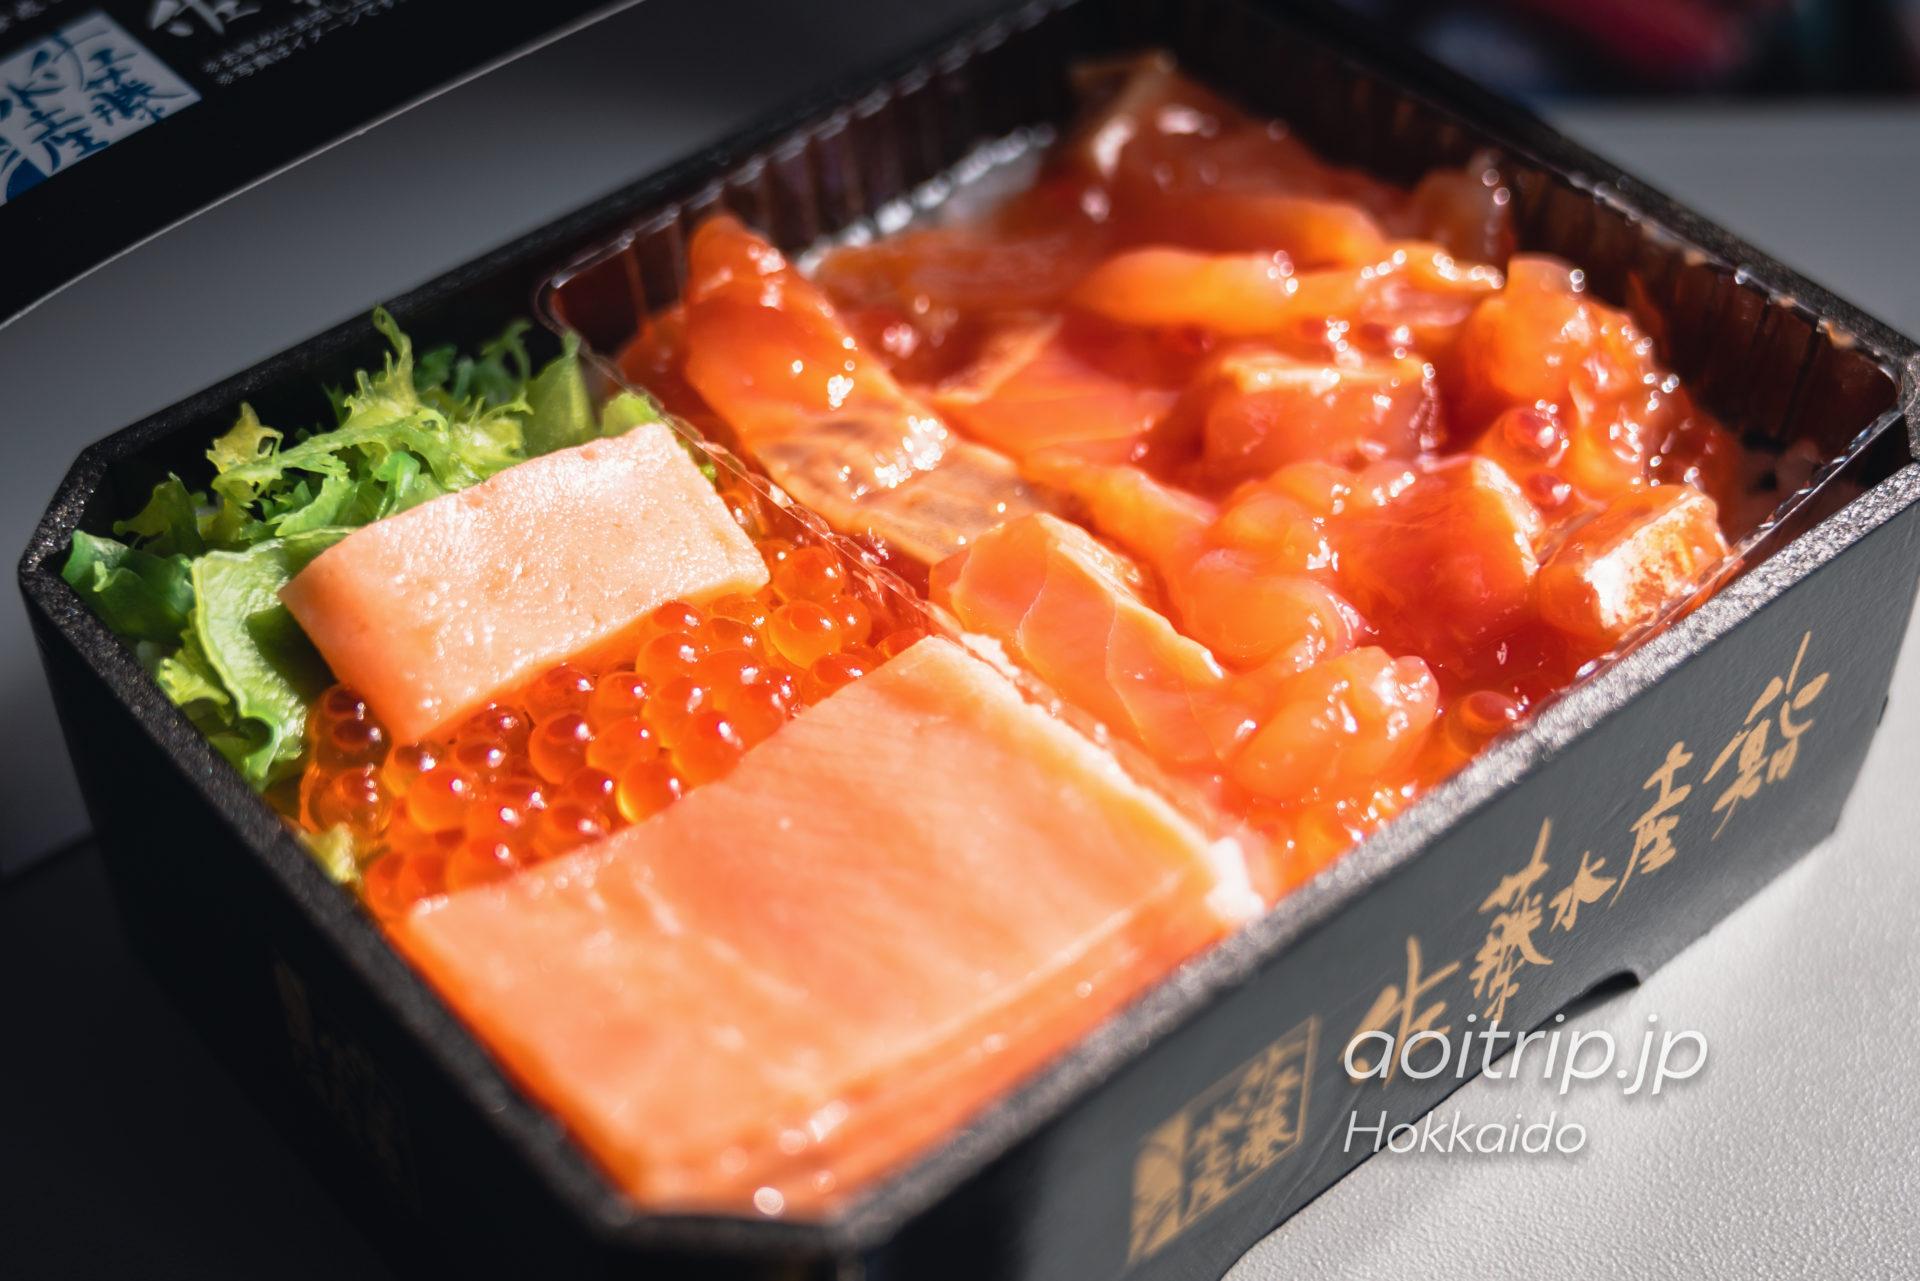 空弁 佐藤水産の鮭ルイベ漬け弁当